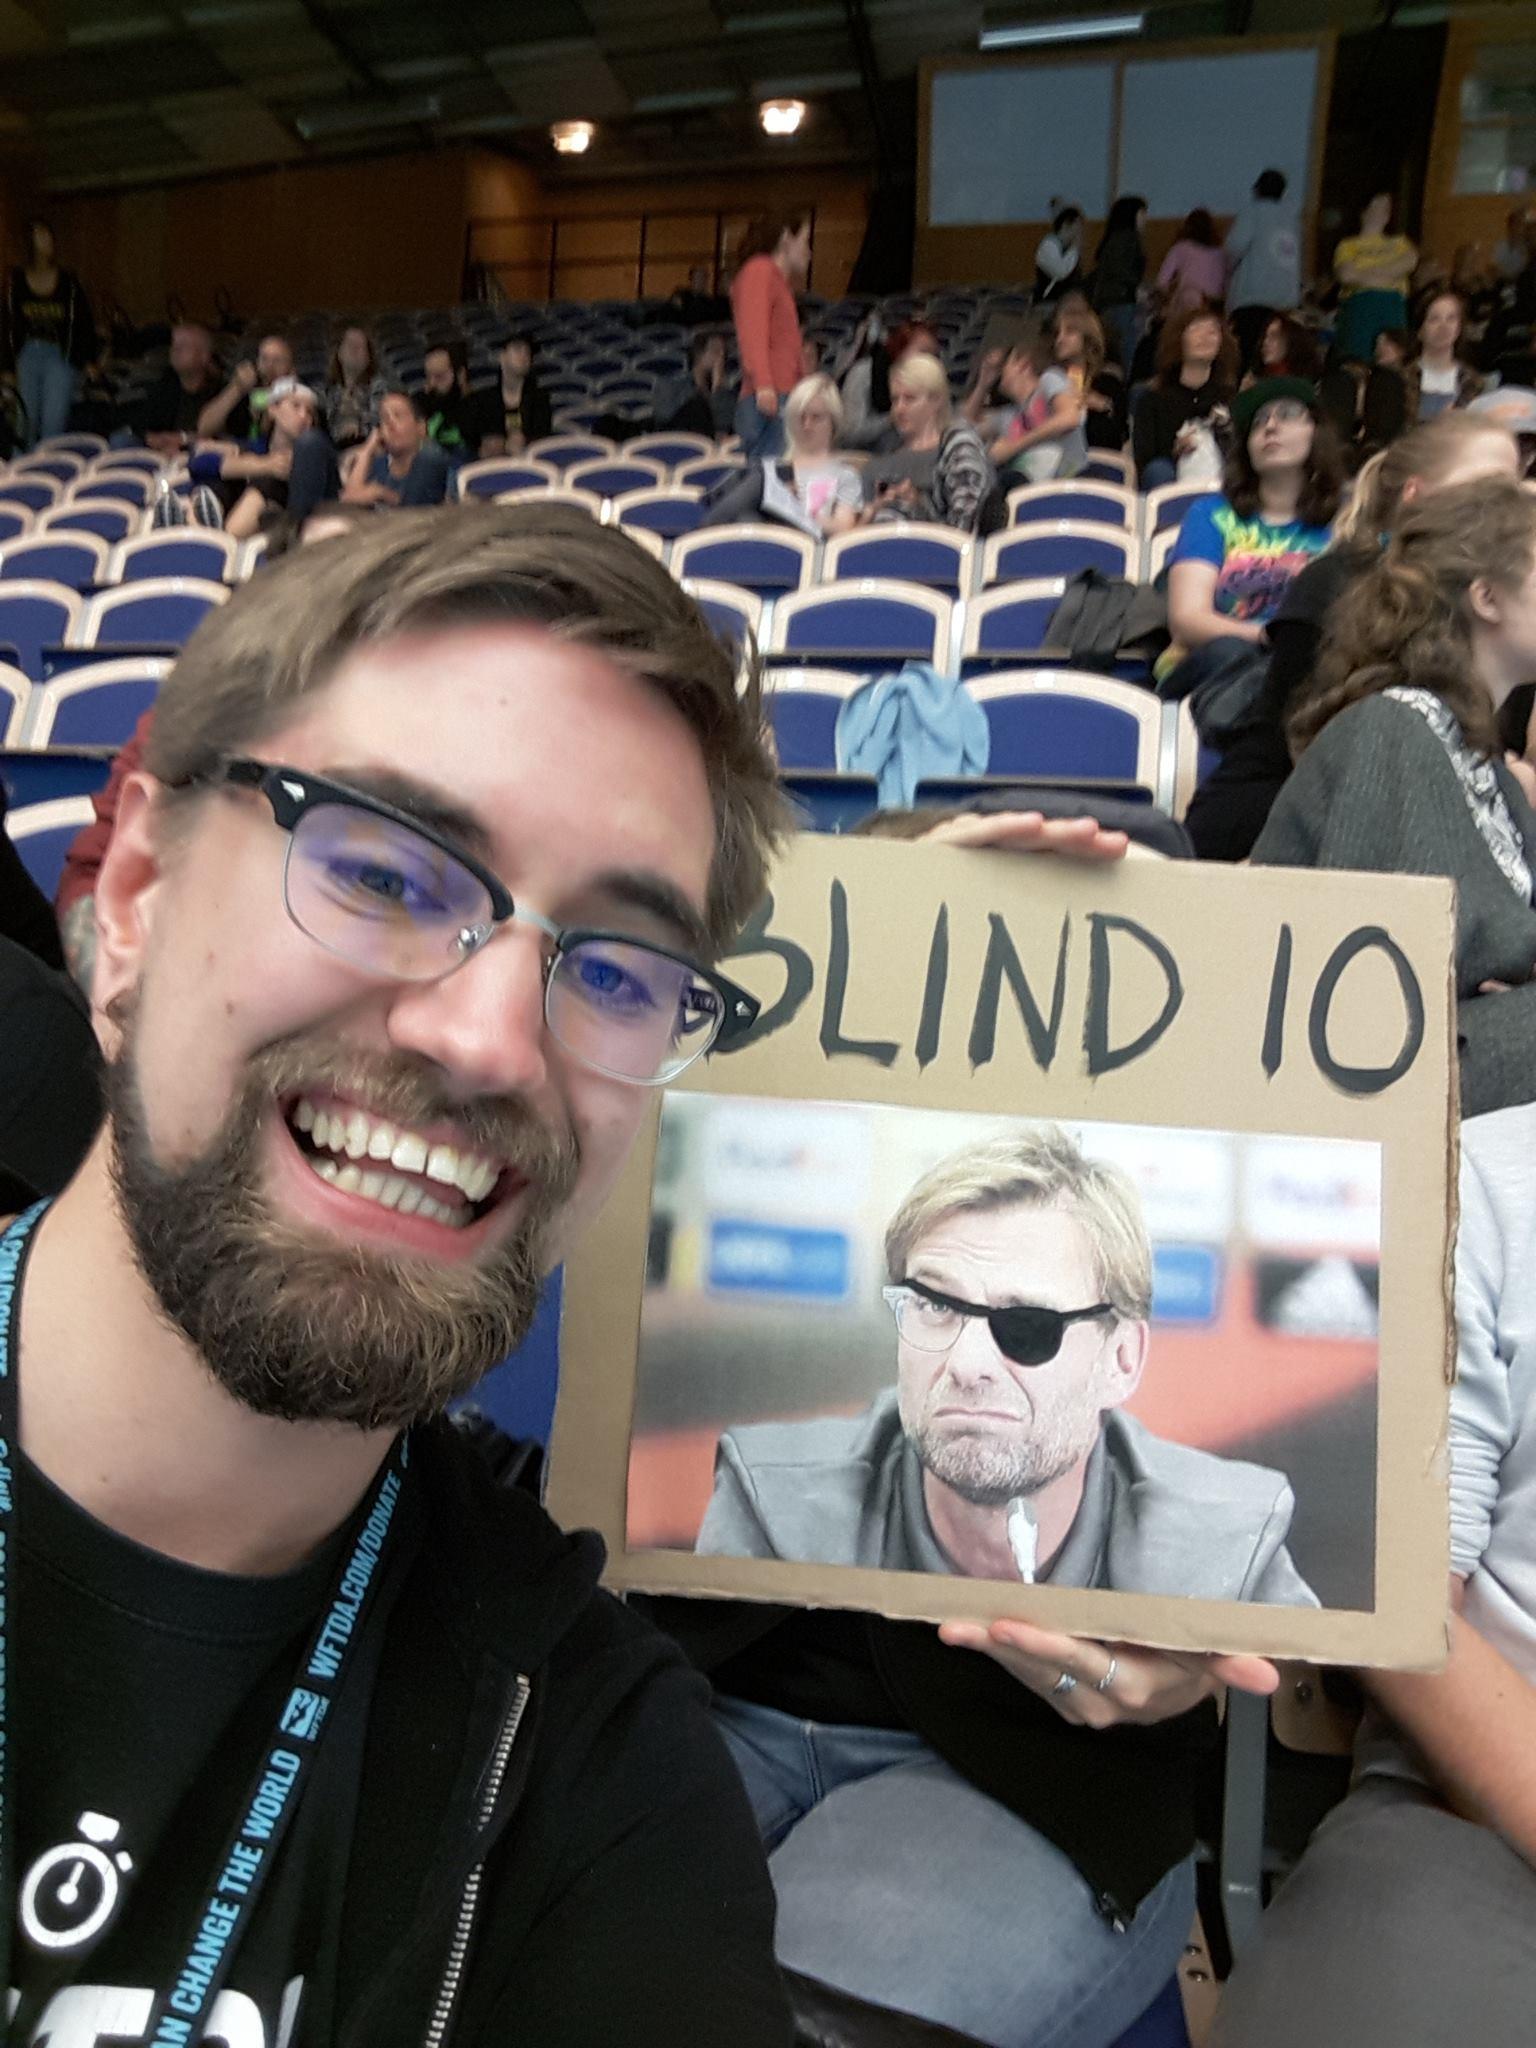 Blind Io